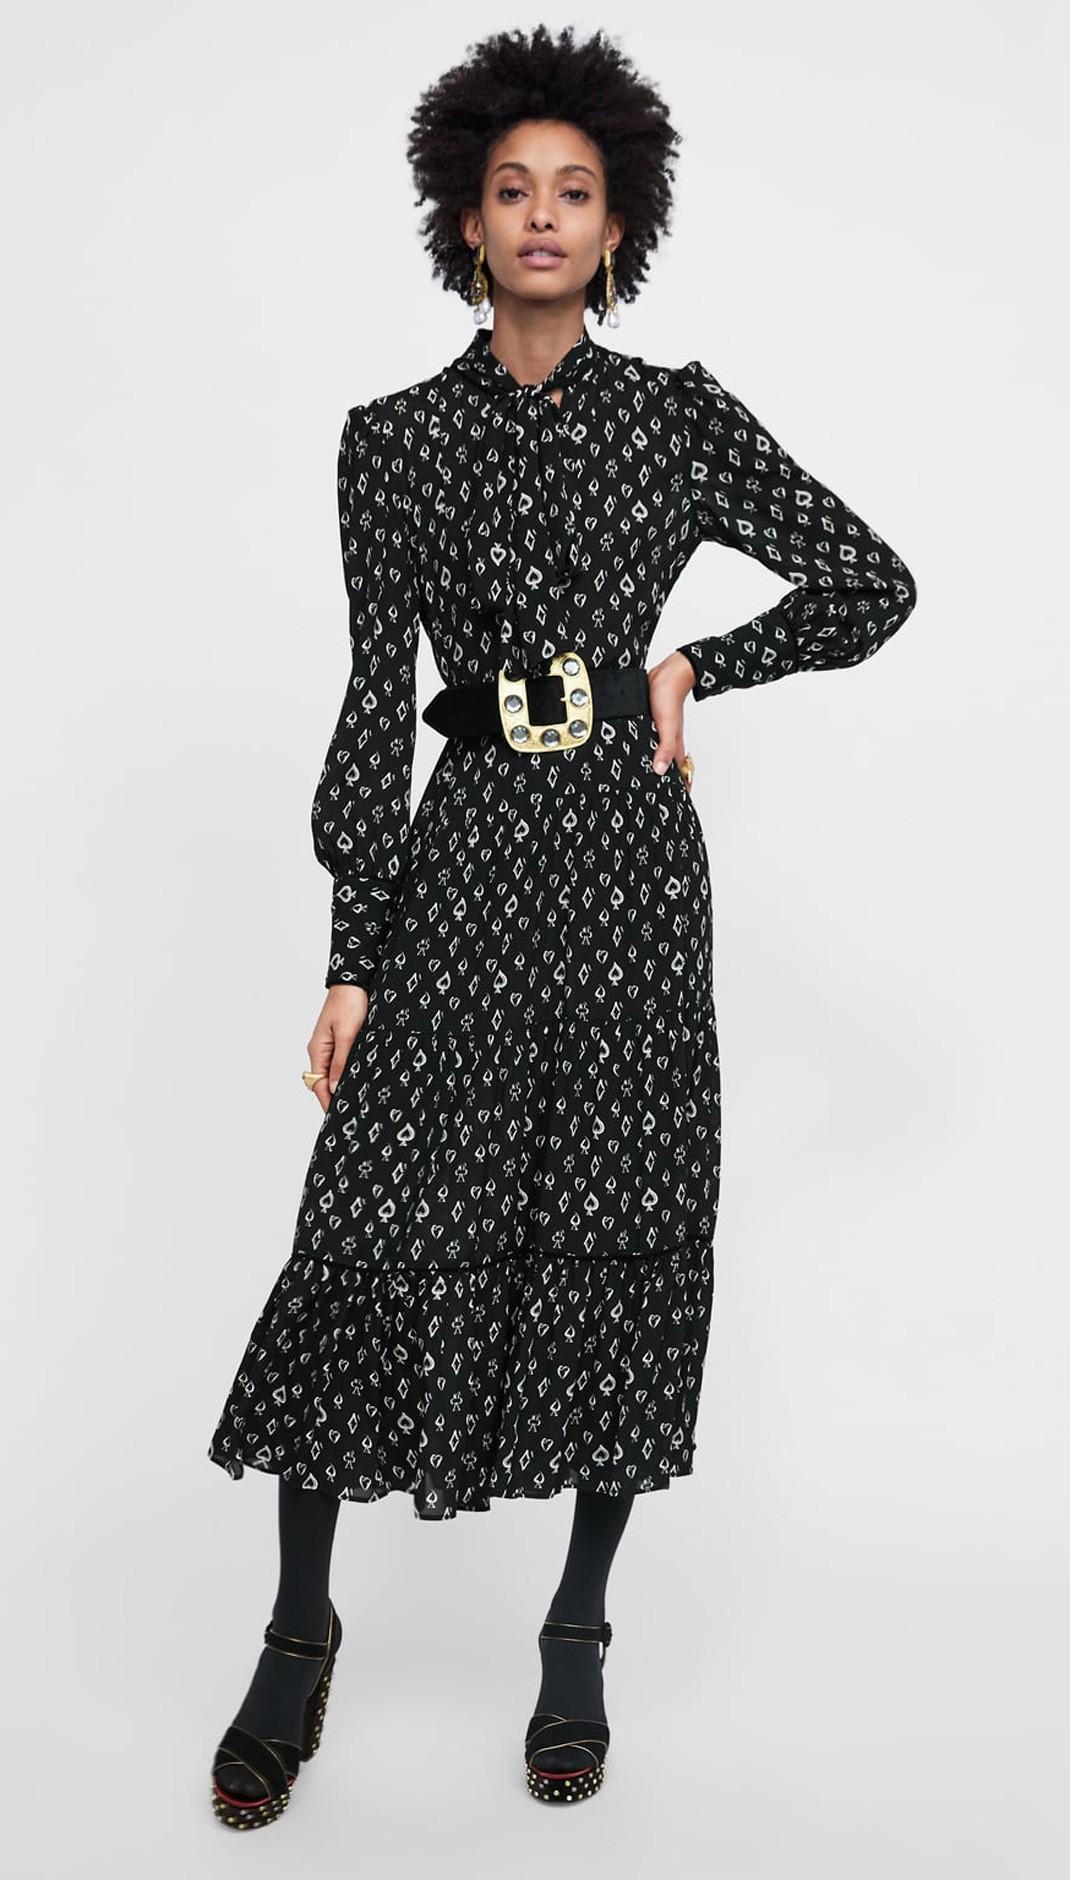 Este es el vestido en cuestión.Es de largo midi ecf8b9c8a339